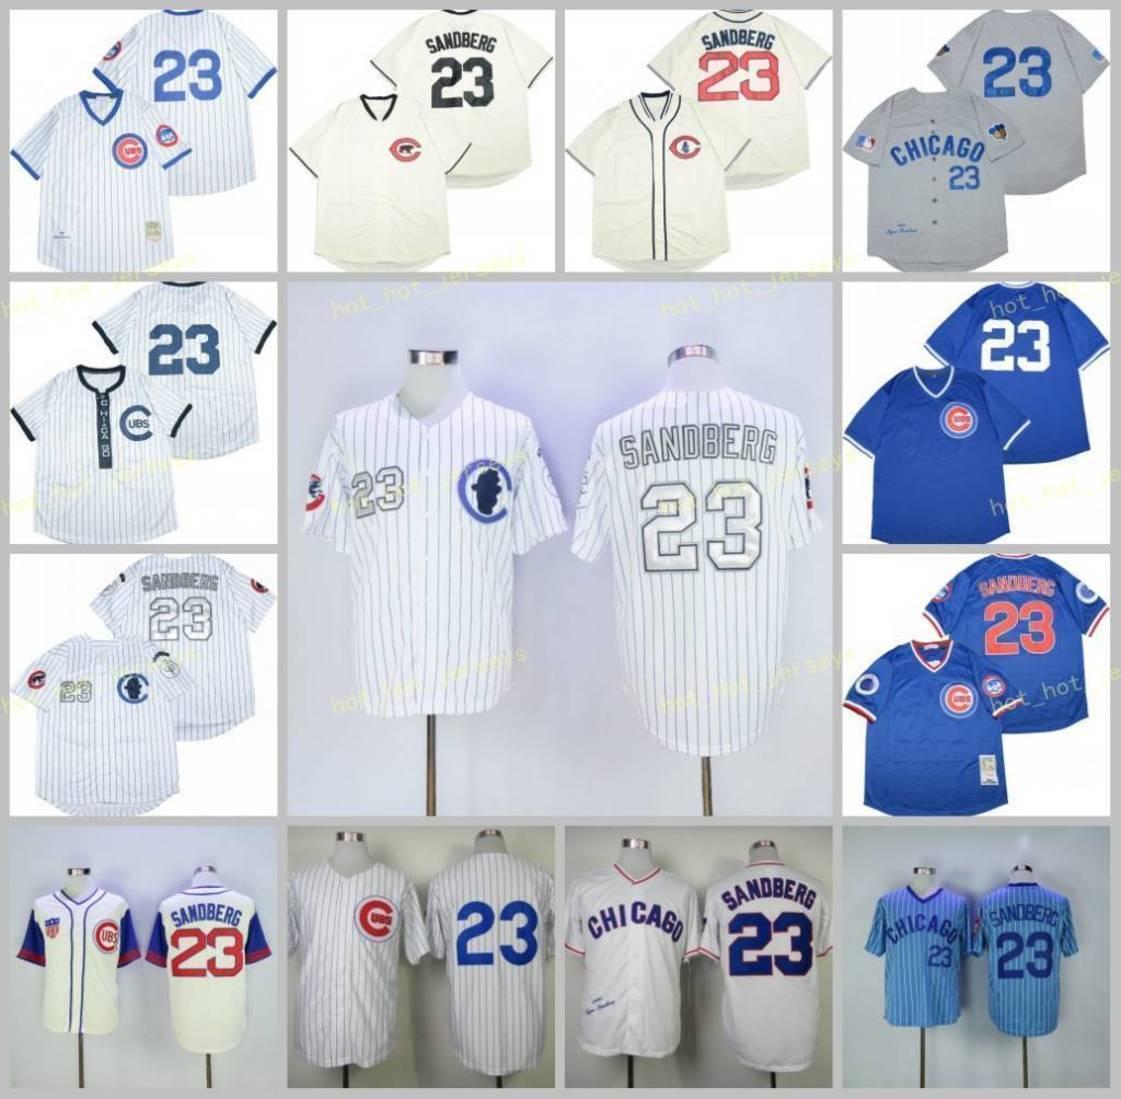 متقاعد 23 Ryne Sandberg البيسبول جيرسي 1909 1984 1969 1929 الشريط الأبيض خمر الرجعية كوبرستاون شبكة مخيط البلوز